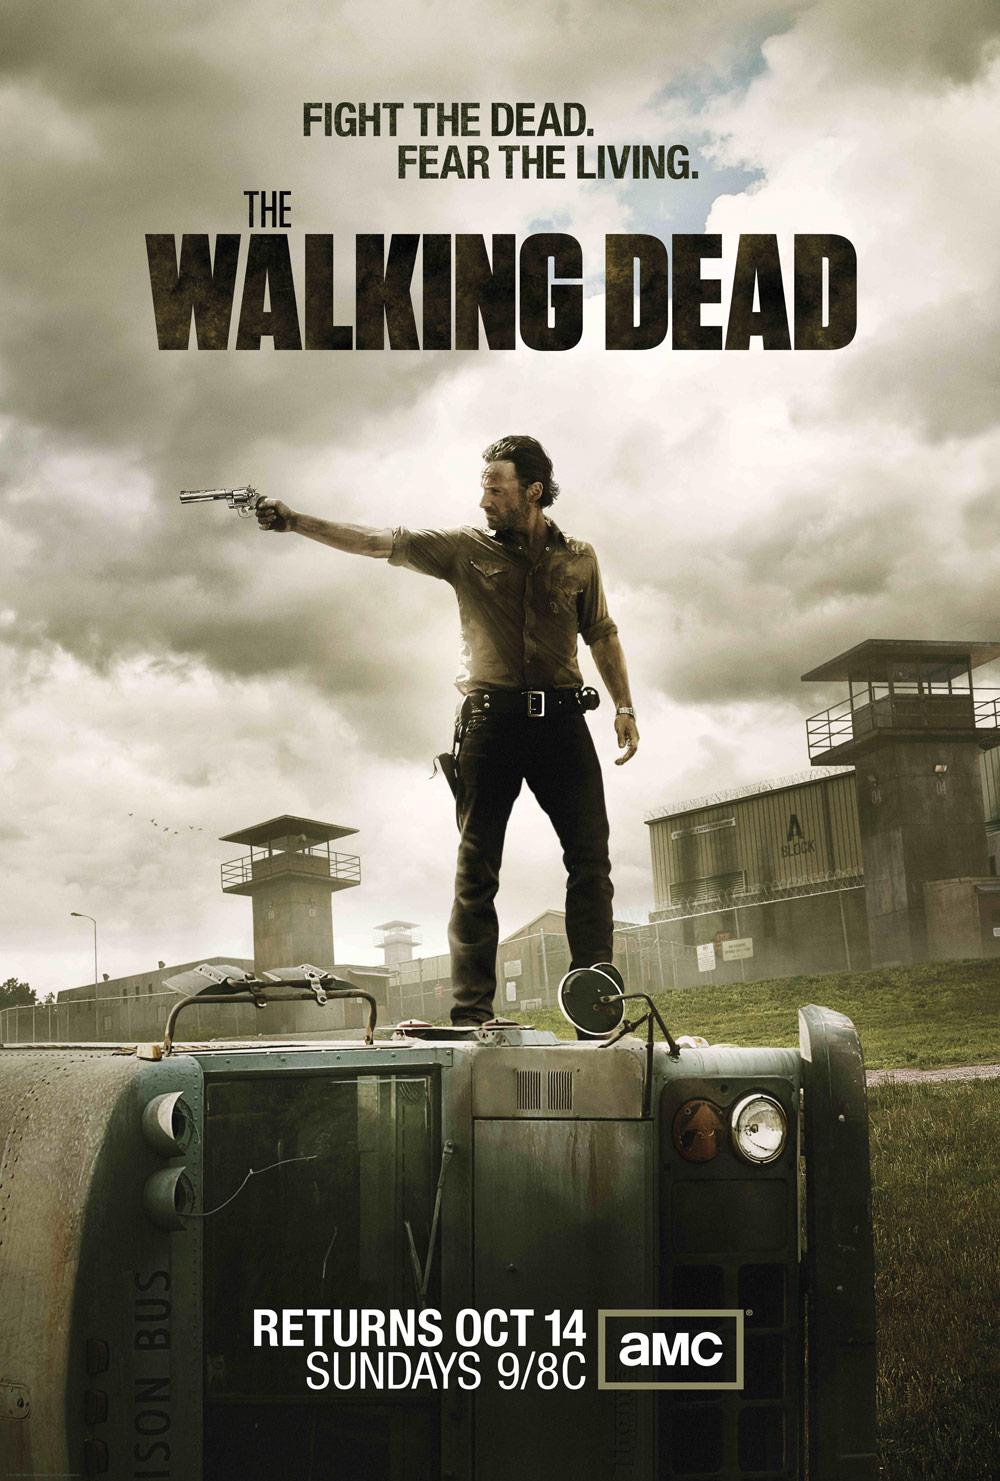 The Walking Dead / Ходячие мертвецы 3 сезон (HD-720p) все серии подряд перевод Кубик в кубе и FoxCrime (2012)